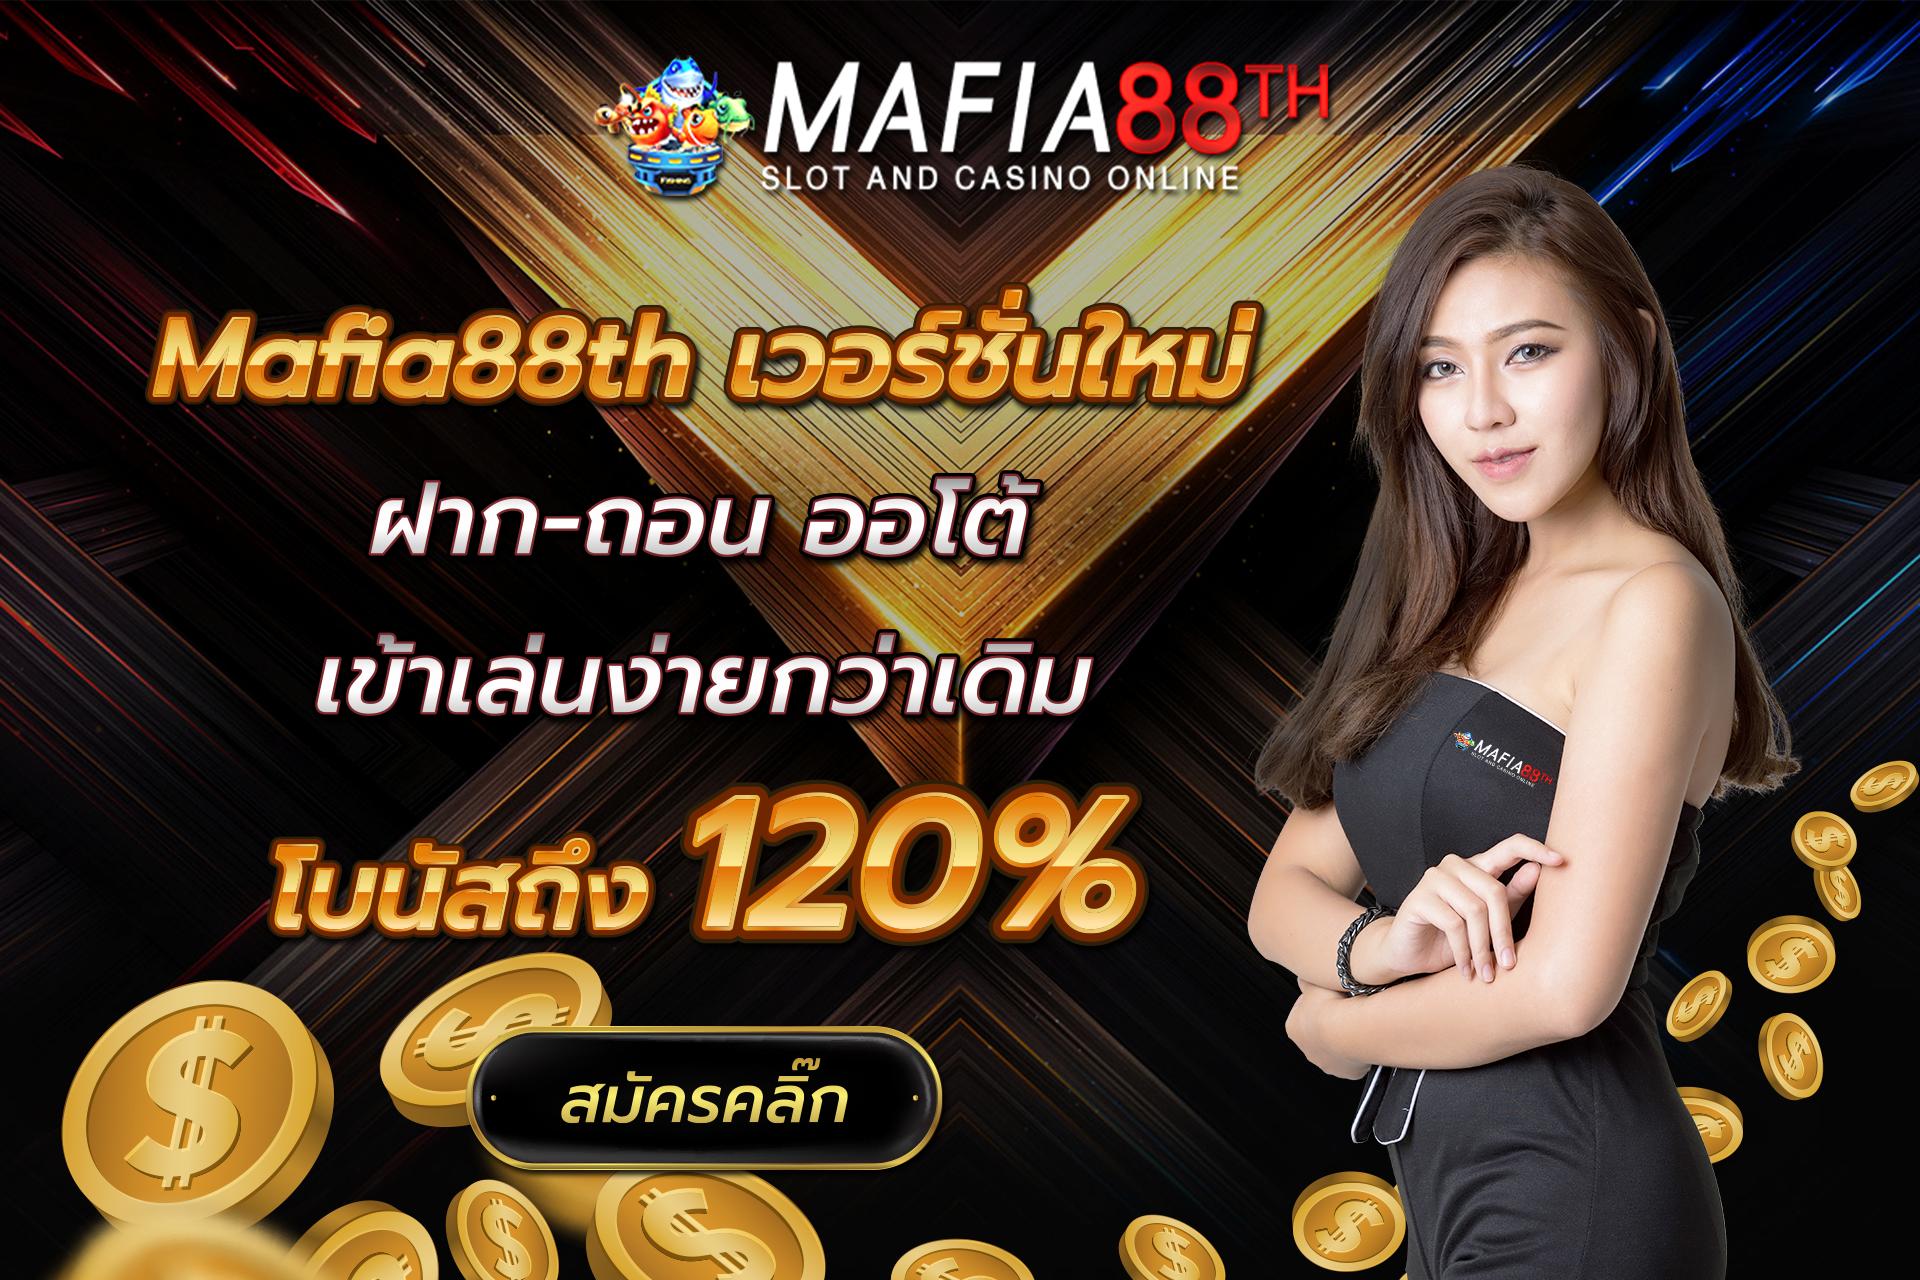 Mafia88th